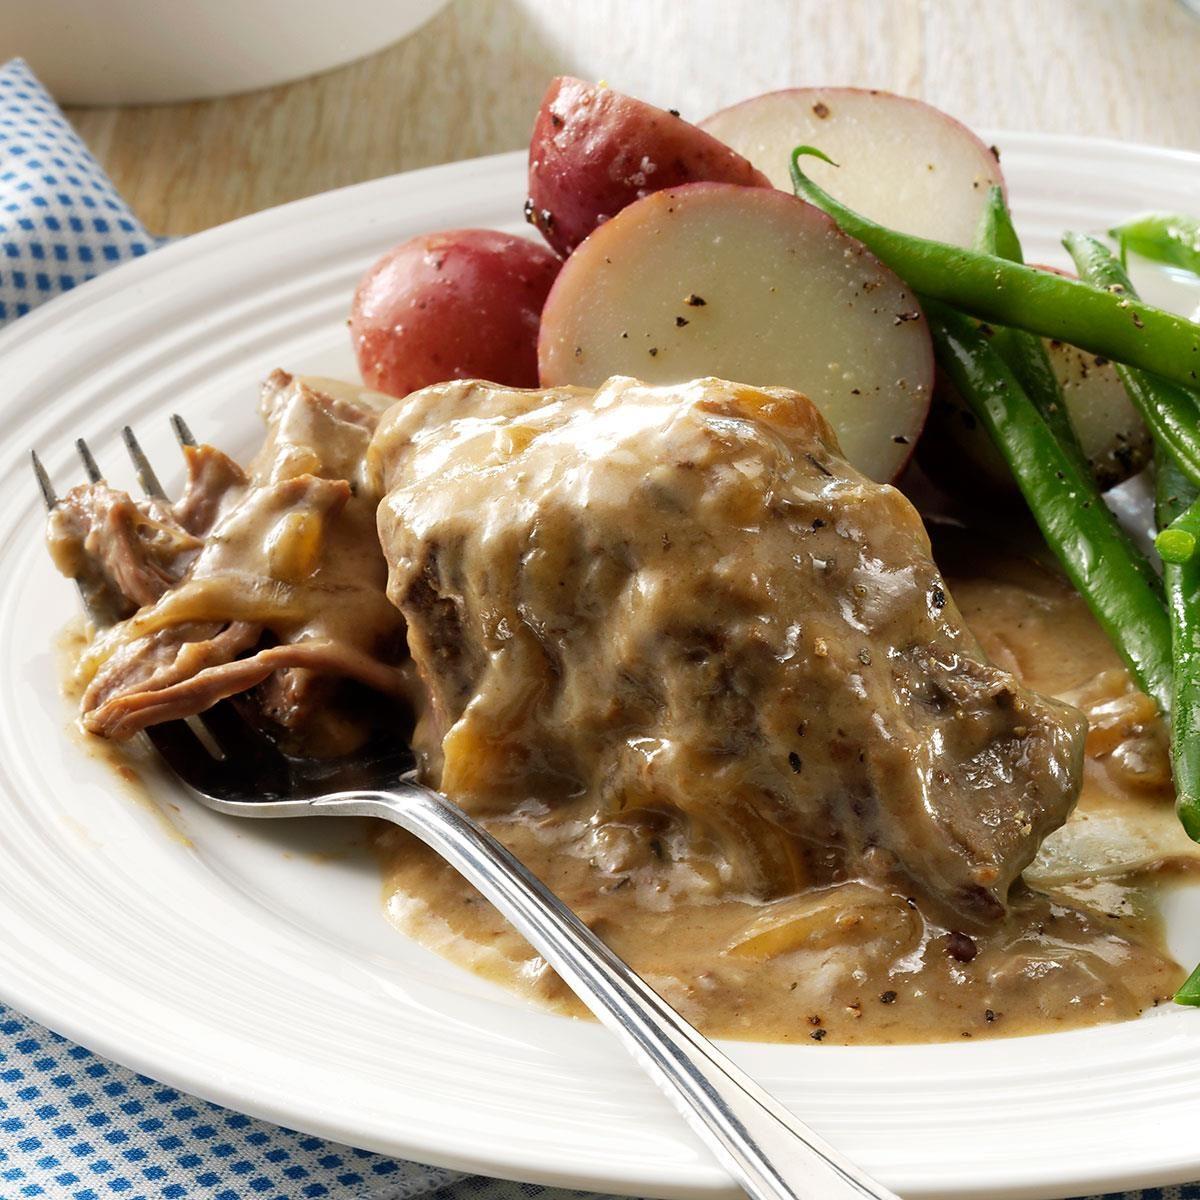 Round tip steak recipes easy